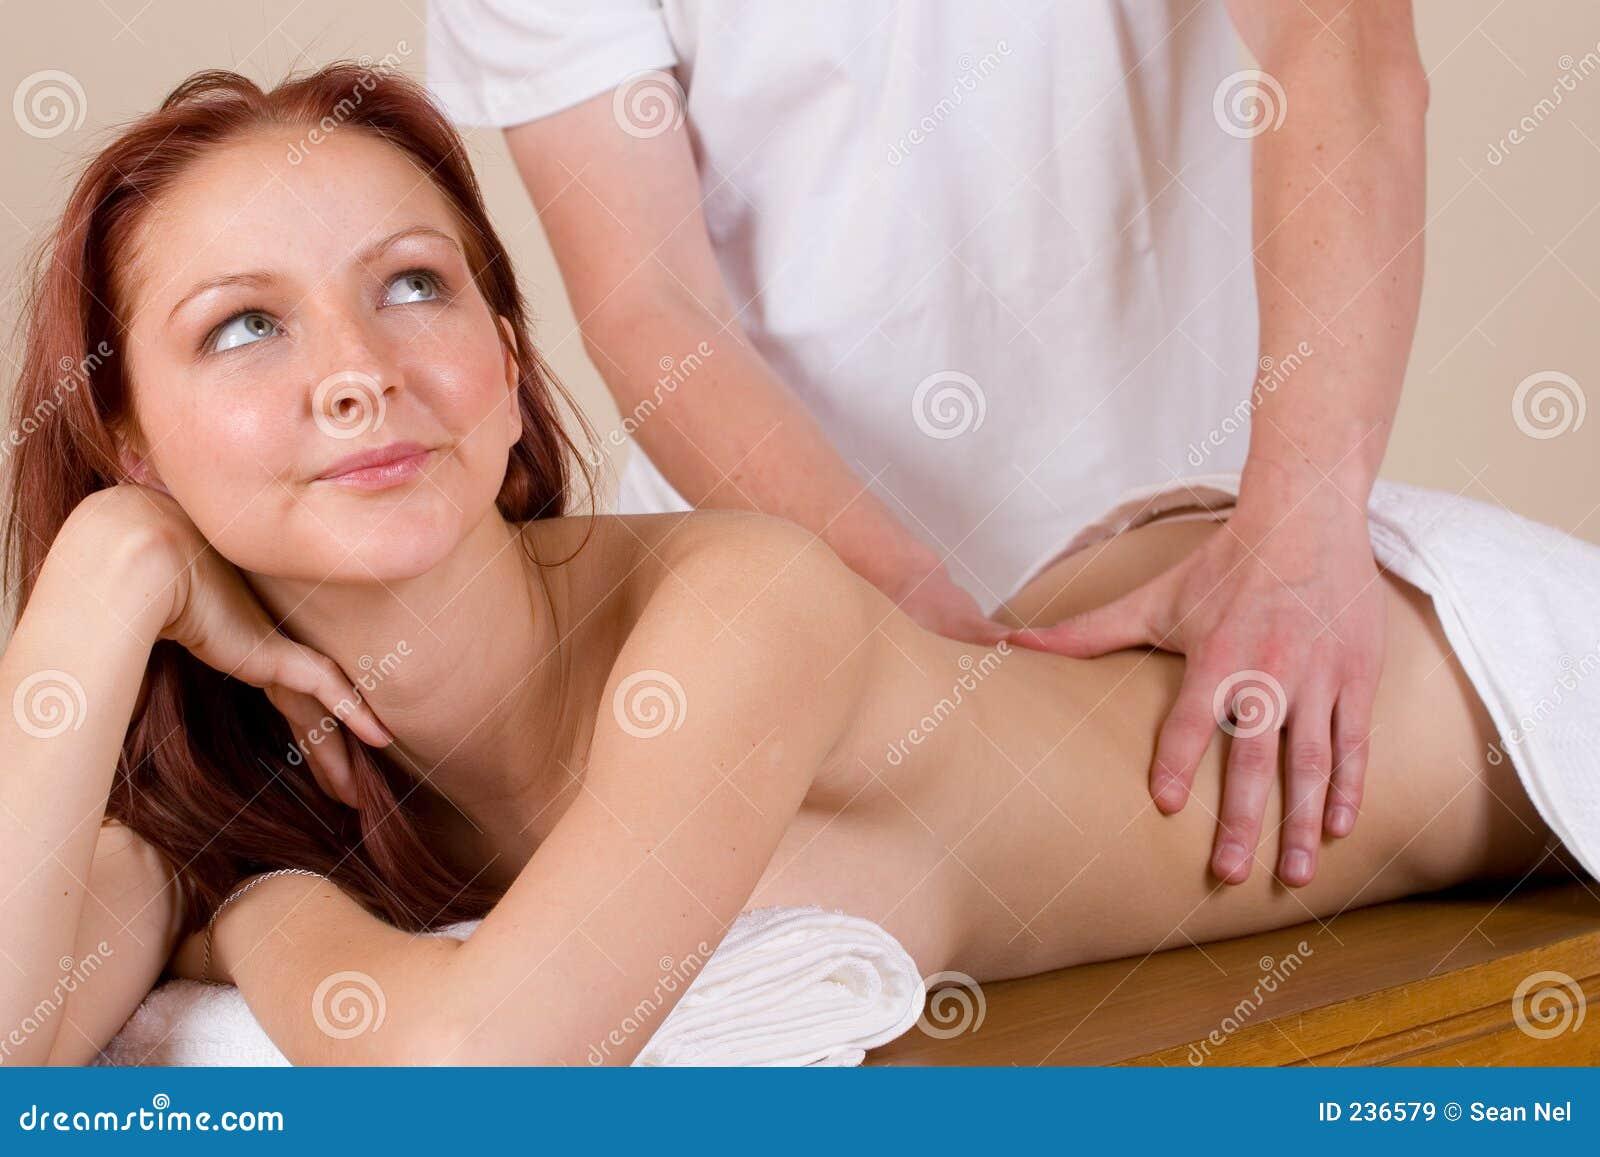 Massage 33